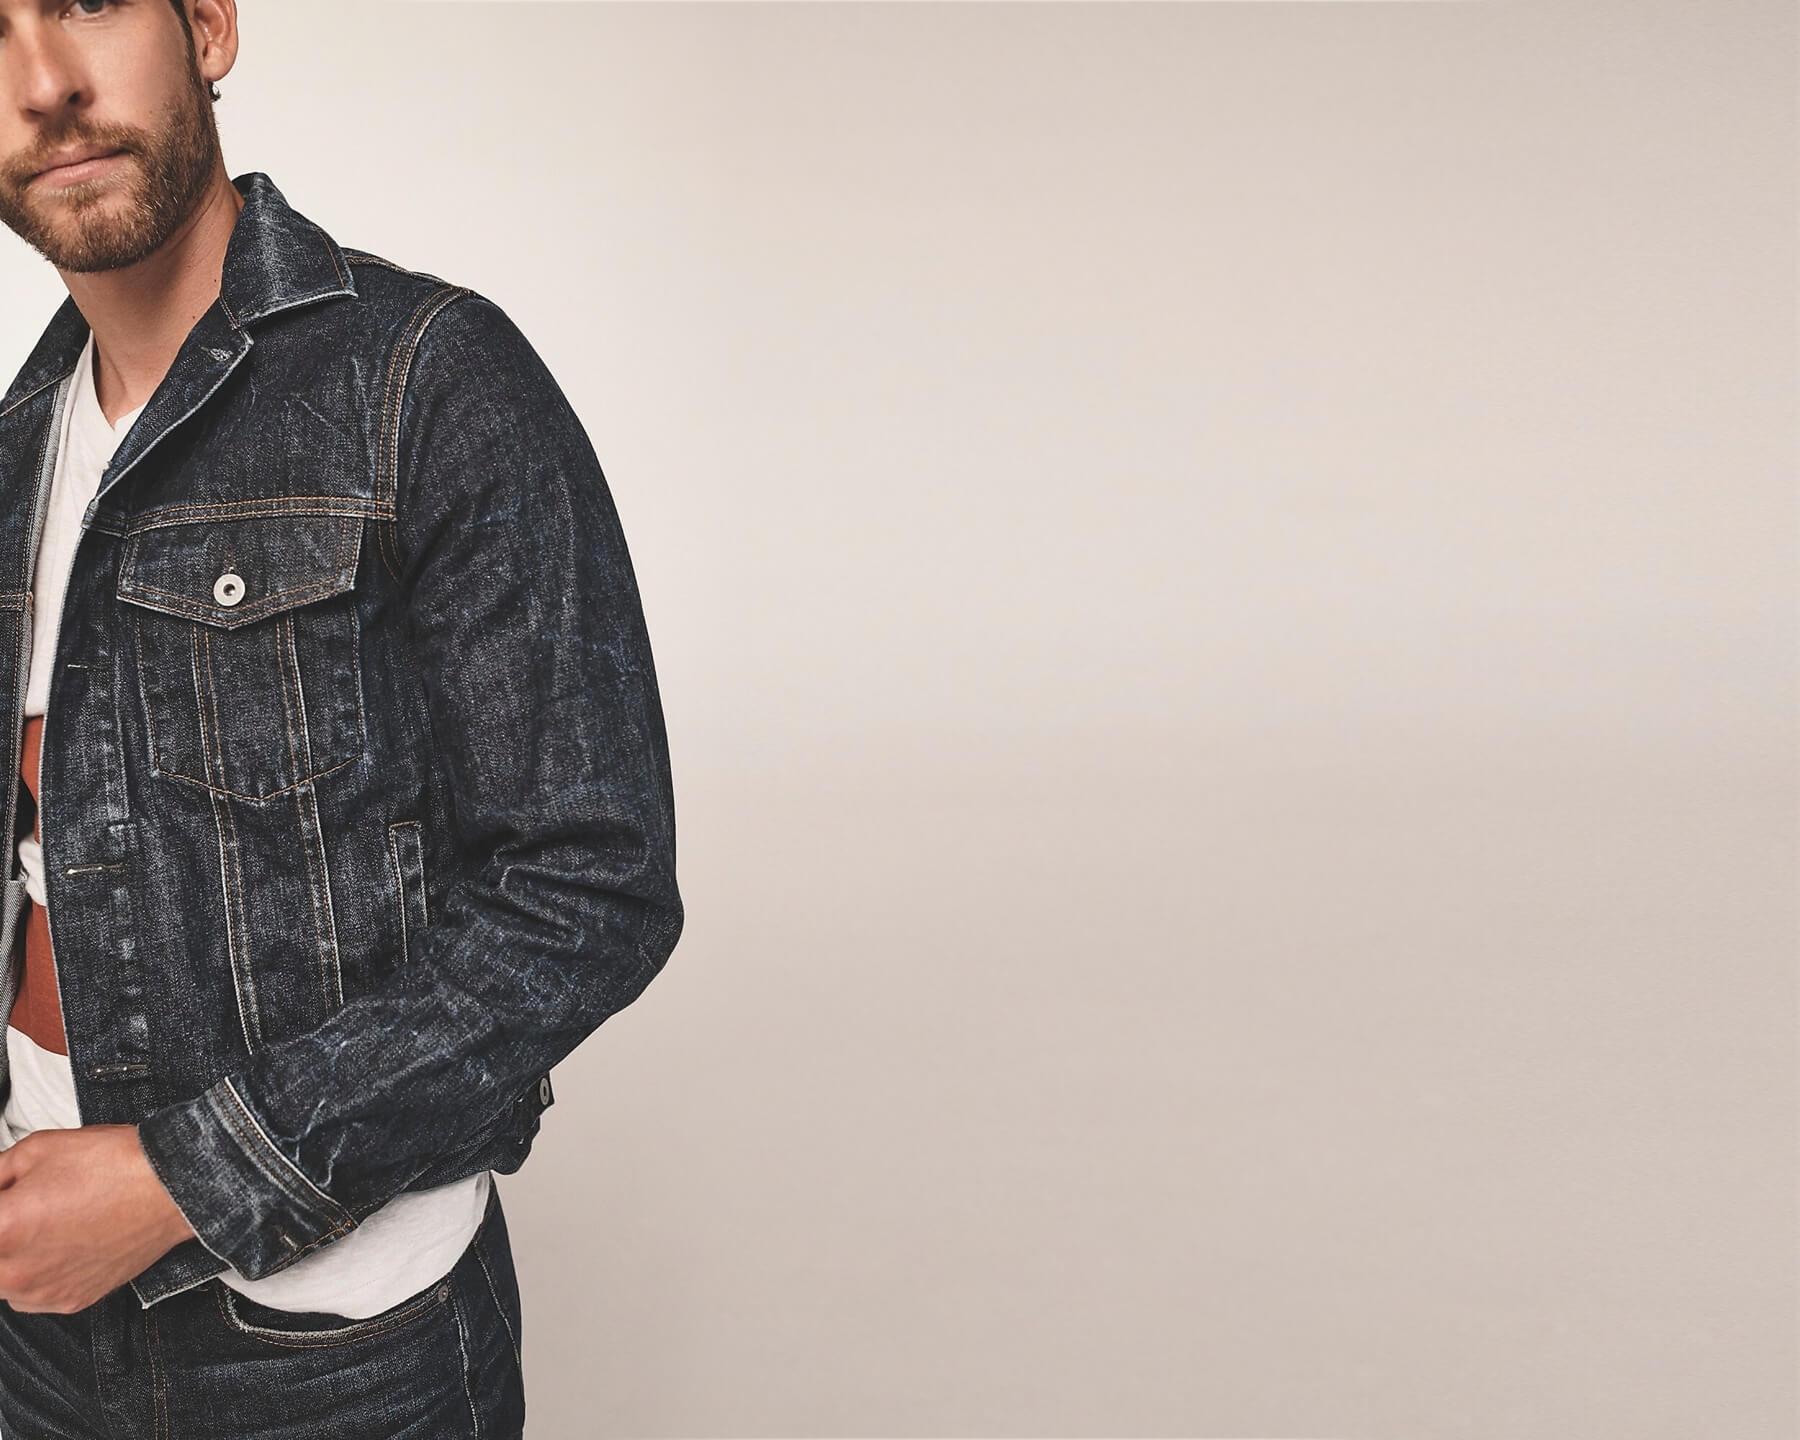 Best men's jean jackets of 2019